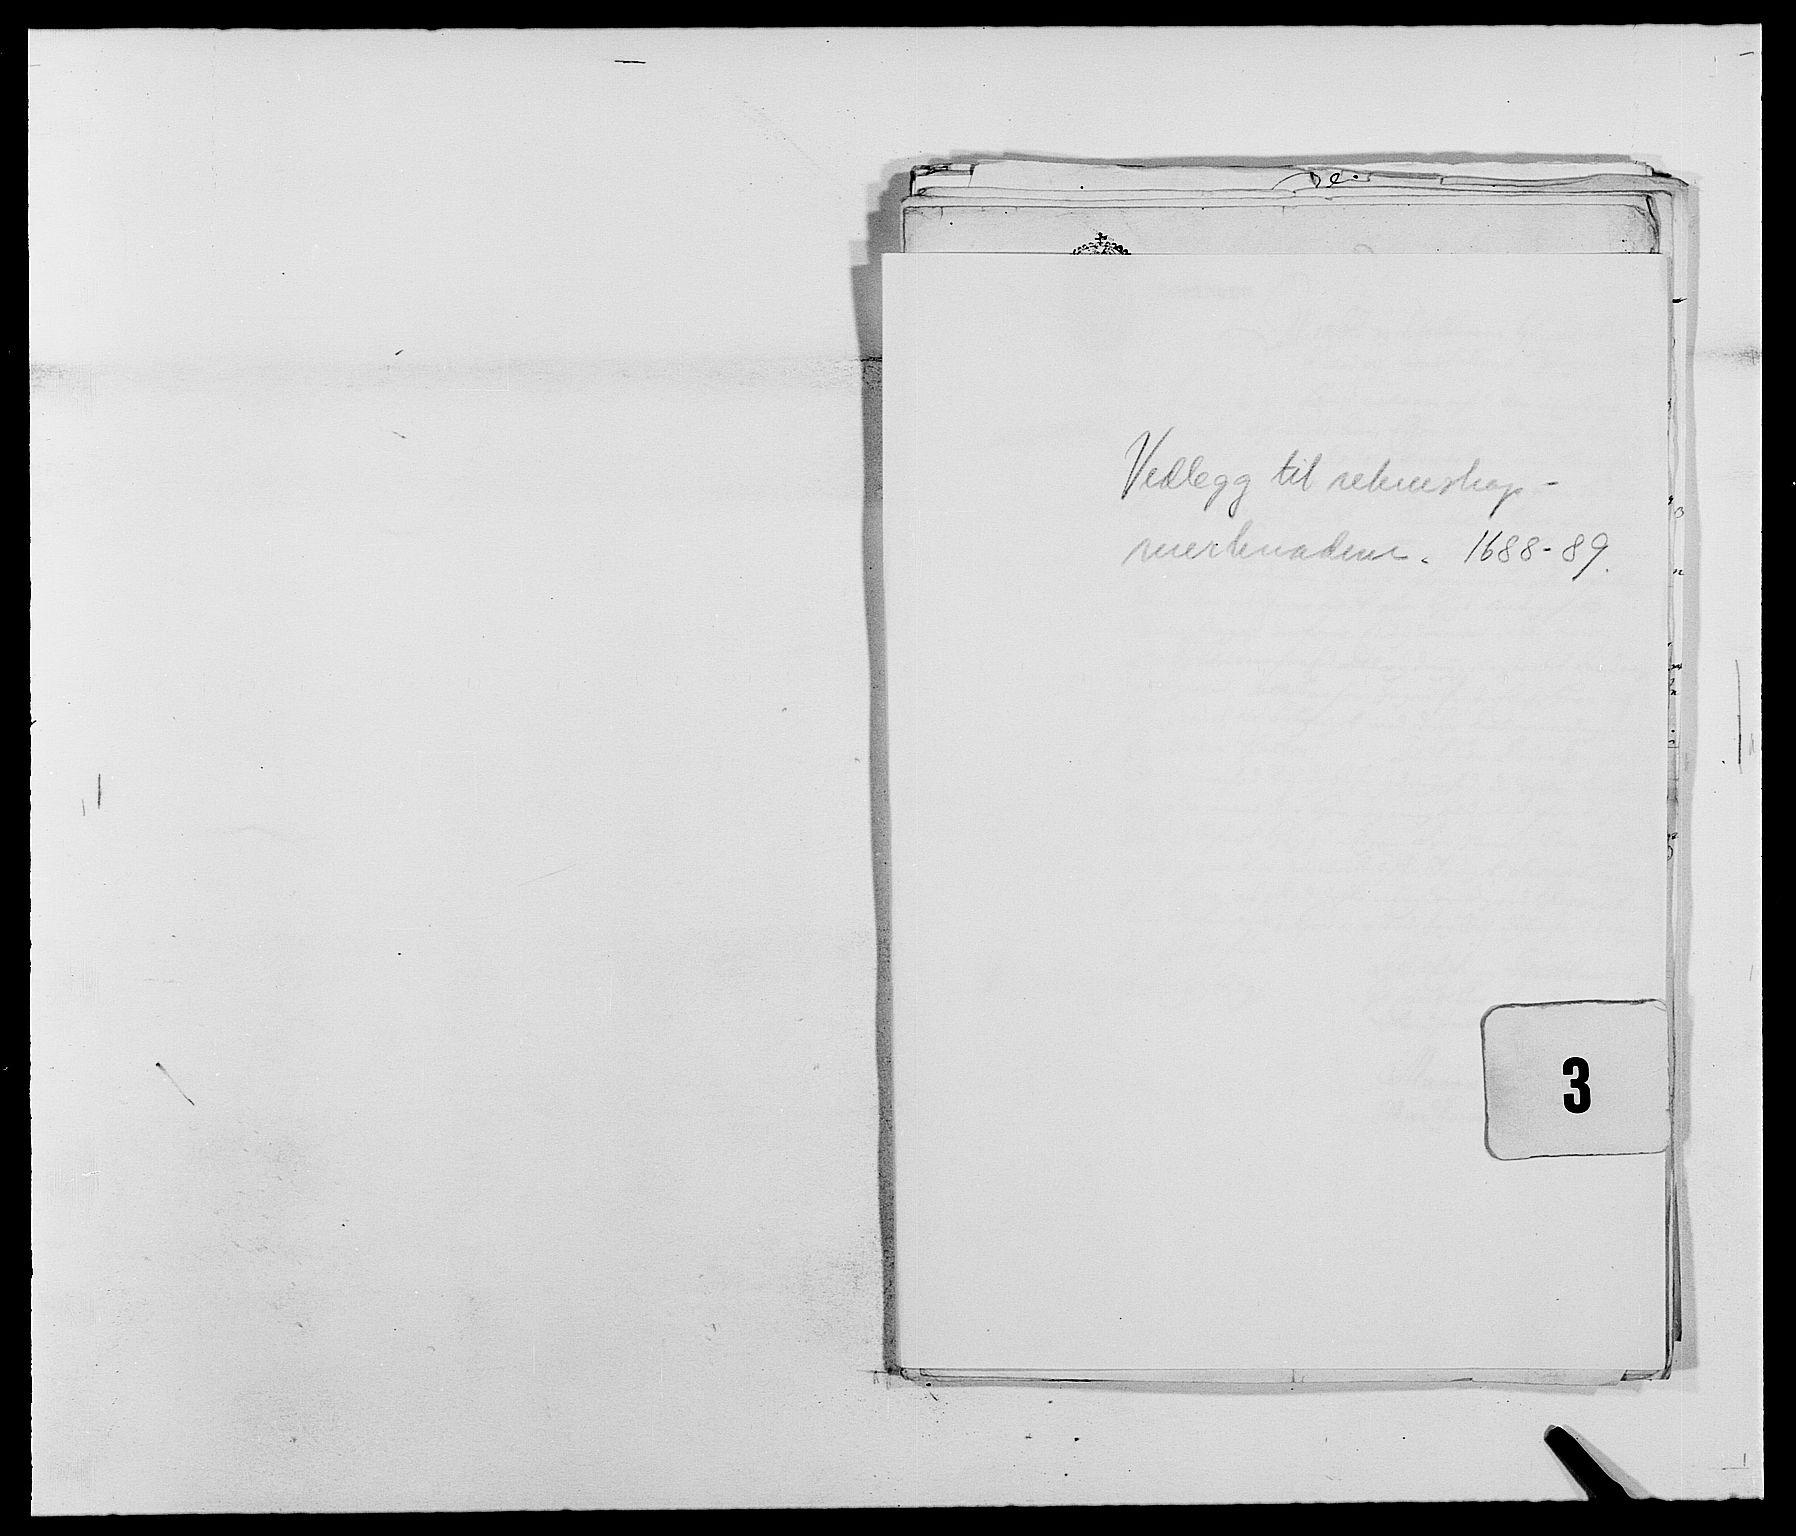 RA, Rentekammeret inntil 1814, Reviderte regnskaper, Fogderegnskap, R39/L2307: Fogderegnskap Nedenes, 1684-1689, s. 140